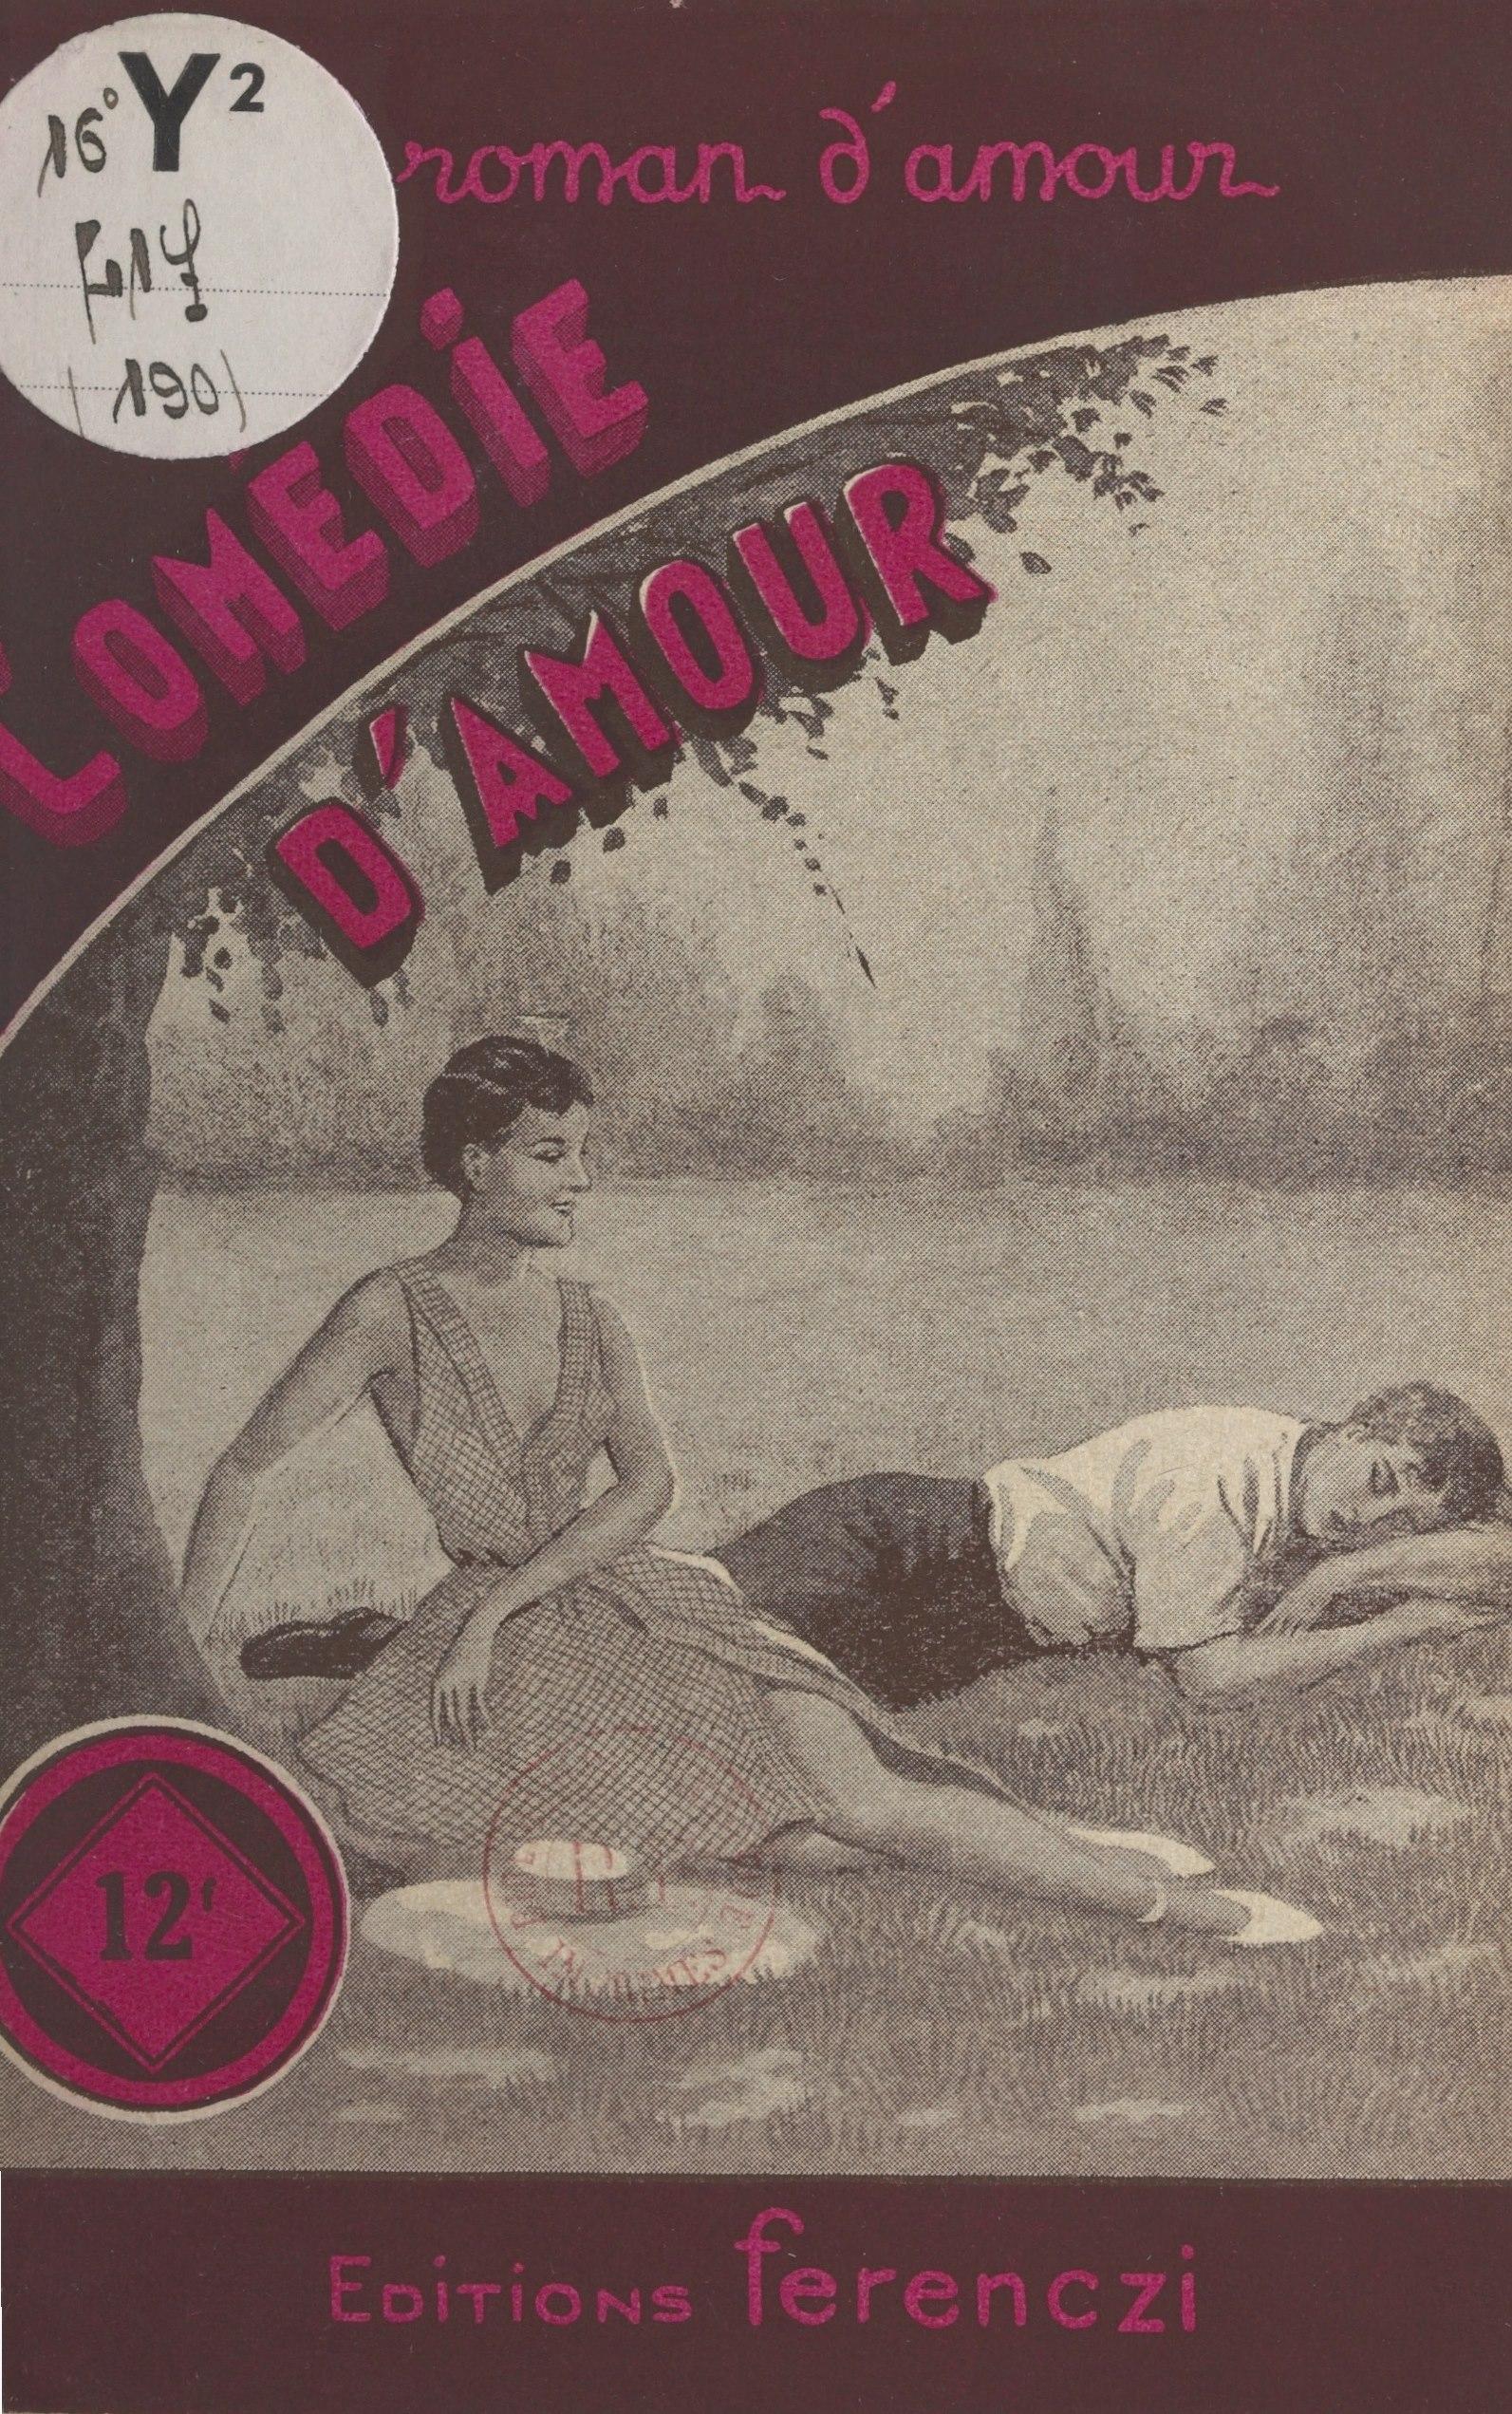 Comédie d'amour